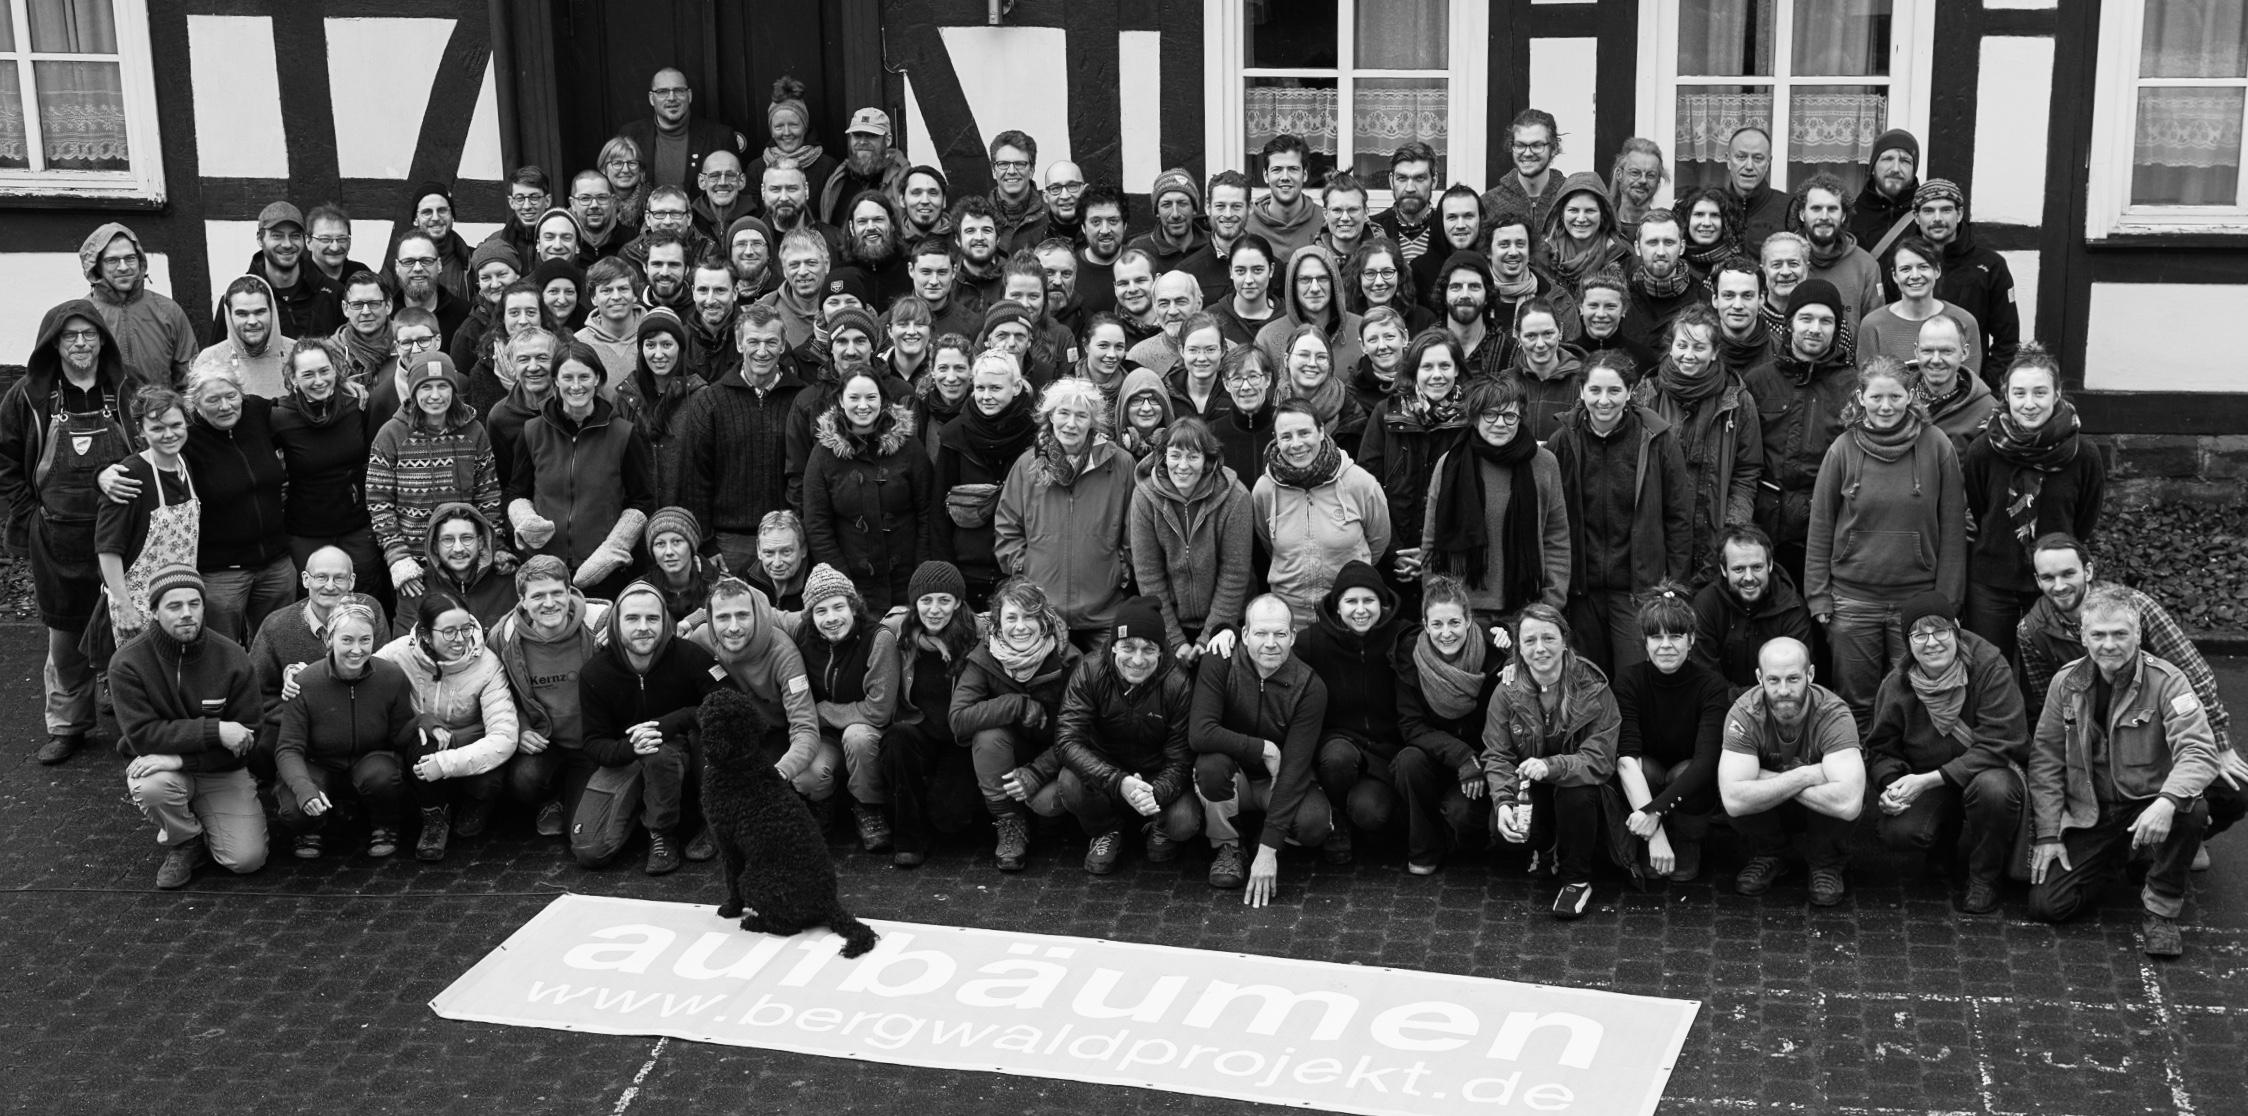 Sind hier wirklich 123 Personen auf dem Bild?